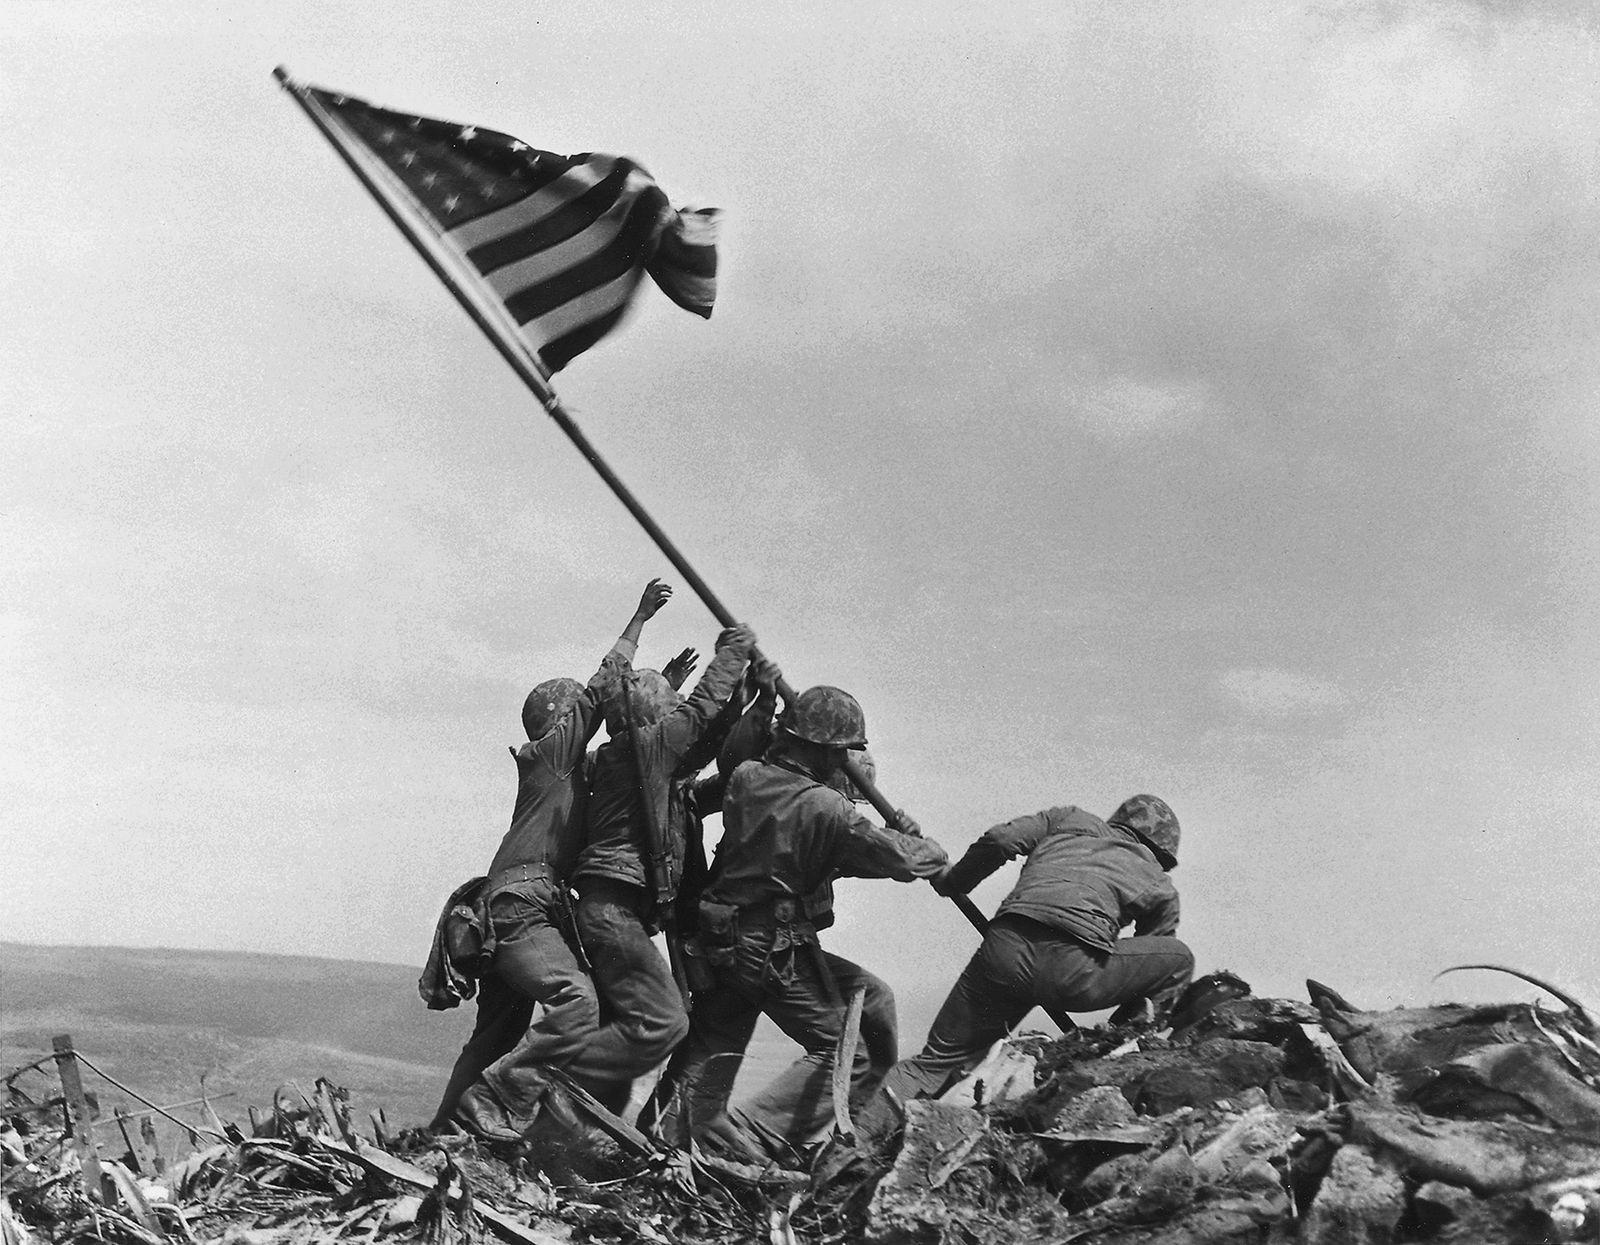 Esta Imagem Icónica da Segunda Guerra Mundial Foi Encenada?